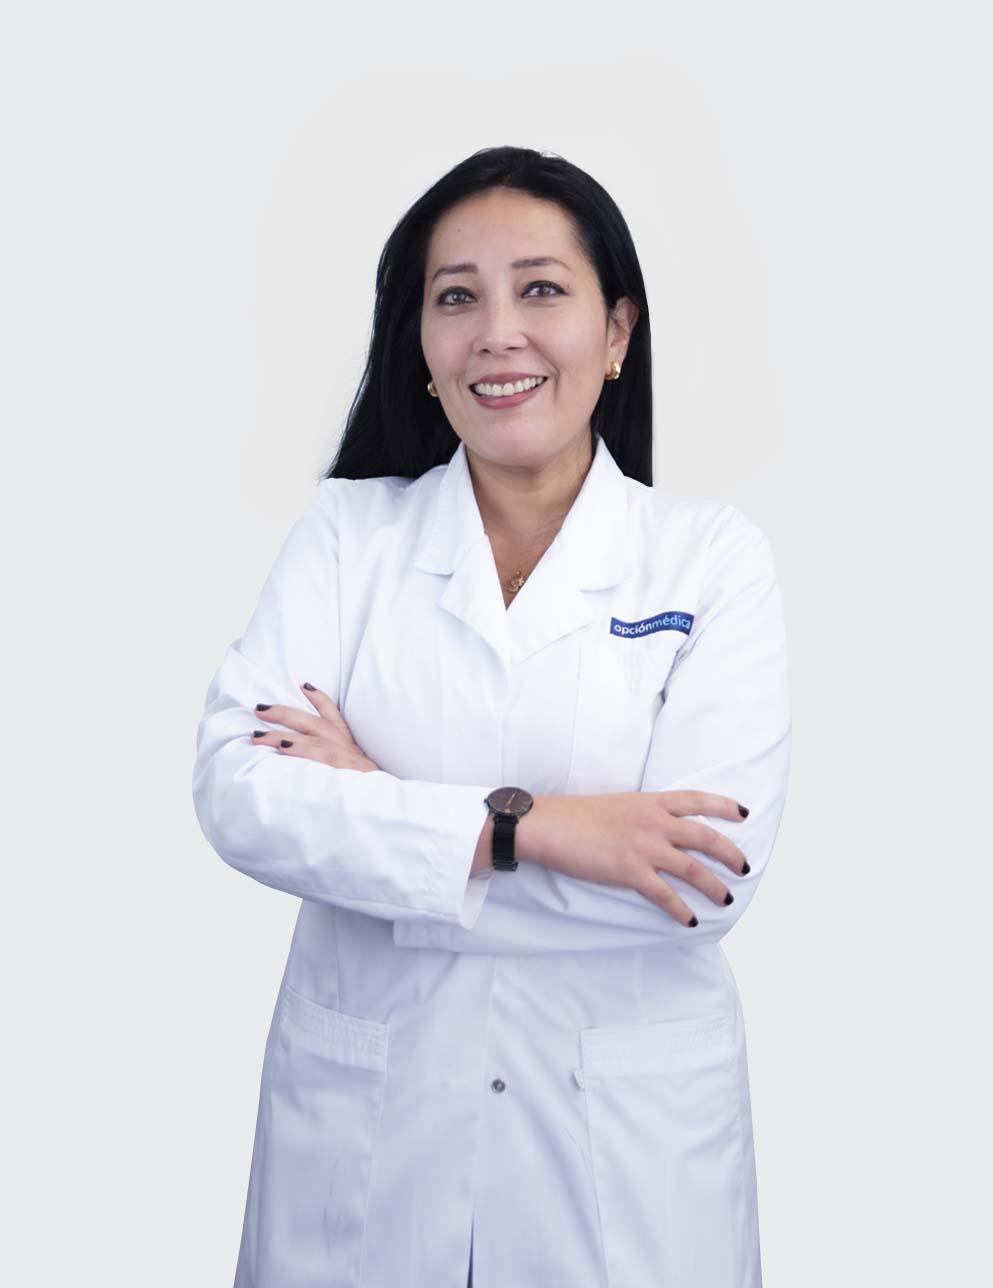 Dra. Sandra Cabrera